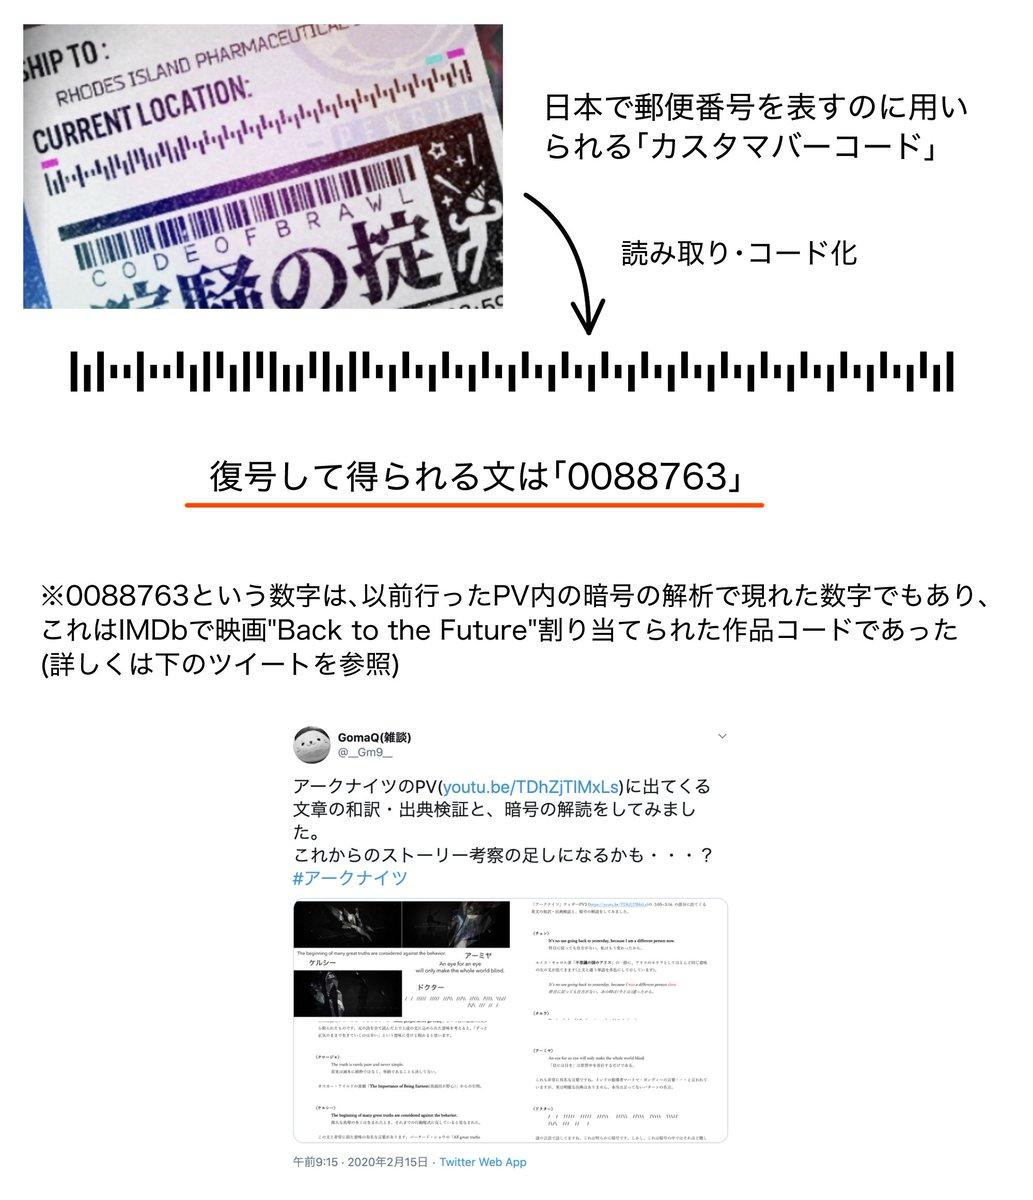 GomaQ(雑談)さんの投稿画像